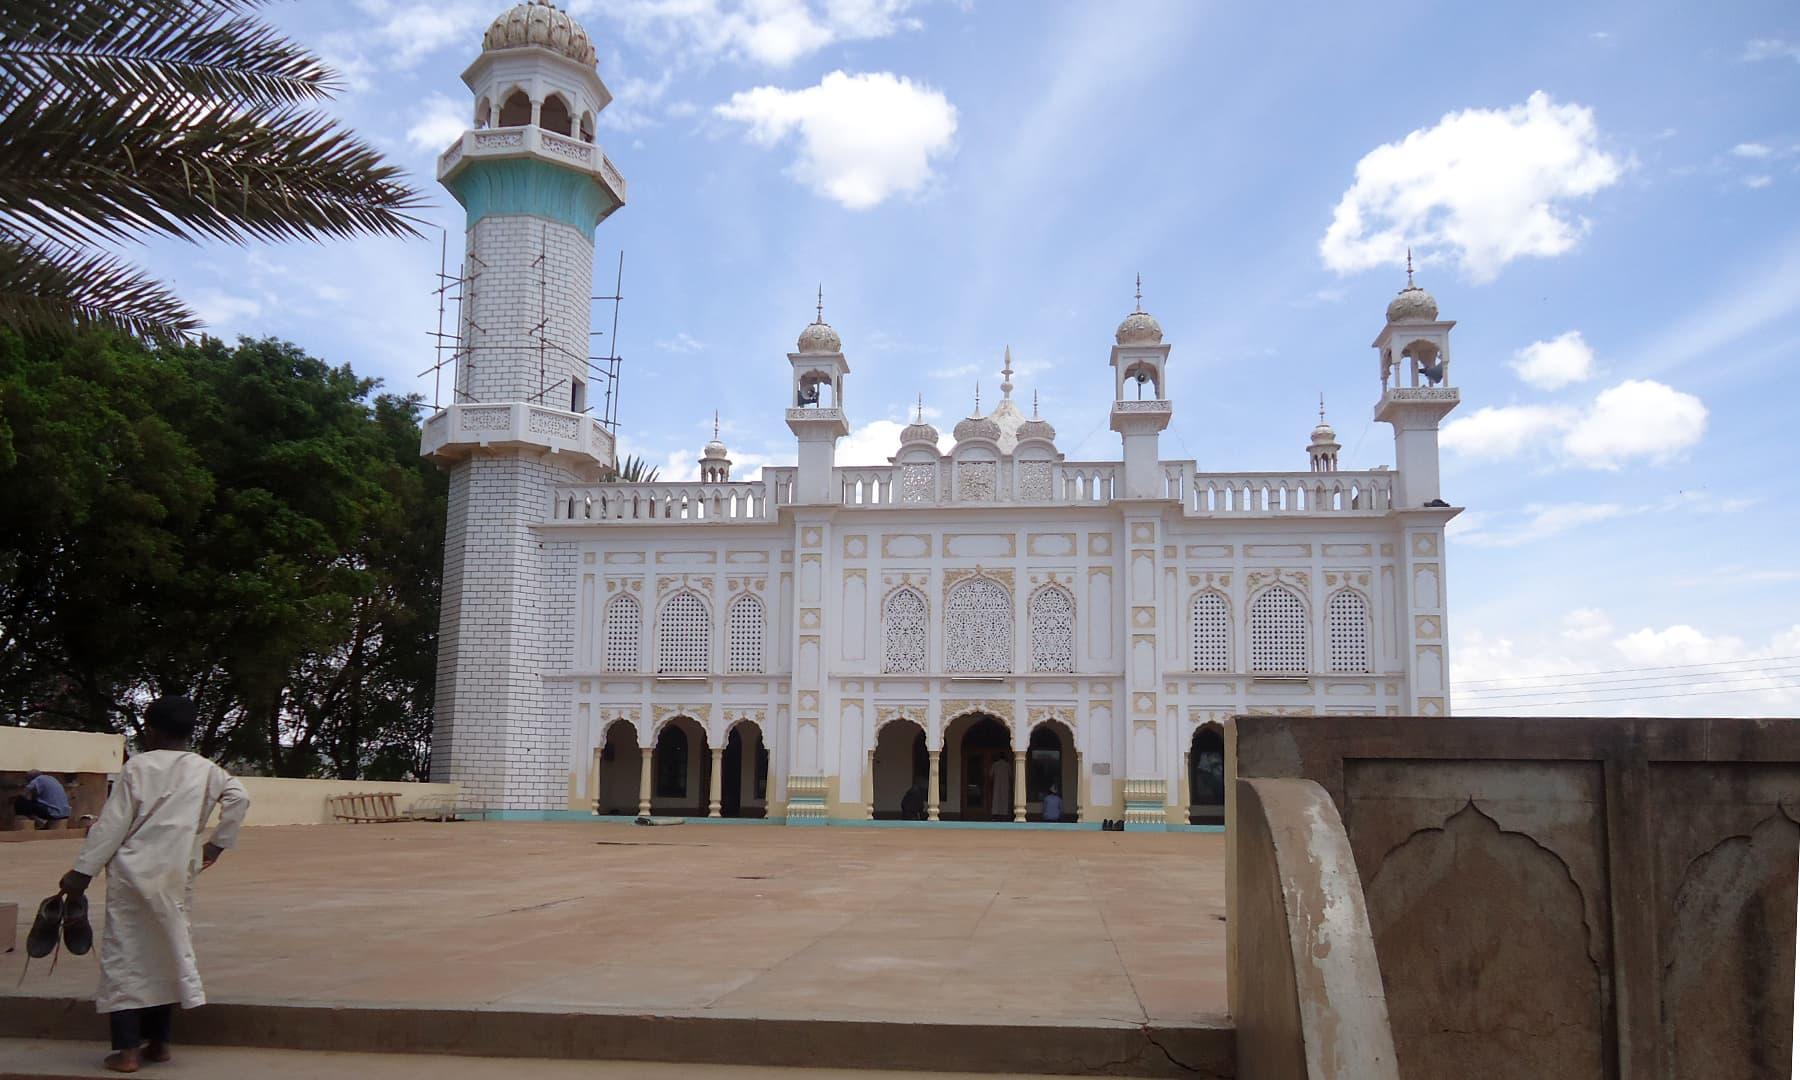 وسطی کینیا میں زیرِ تعمیر مسجد— فوٹو عظمت اکبر